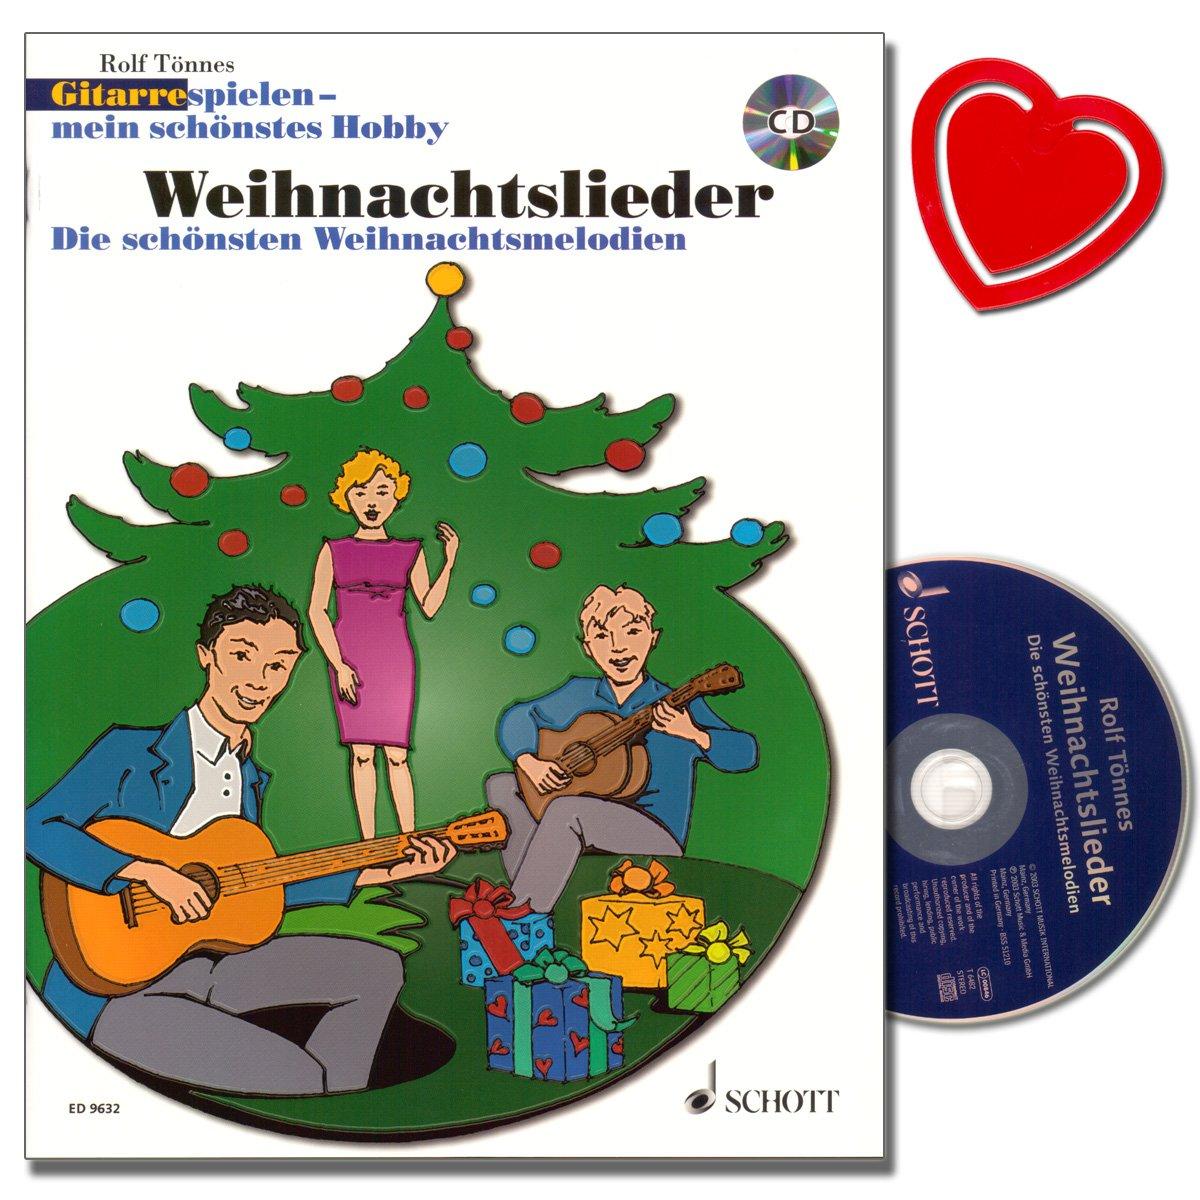 Weihnachtslieder Gitarre spielen - mein schönstes Hobby - Die ...